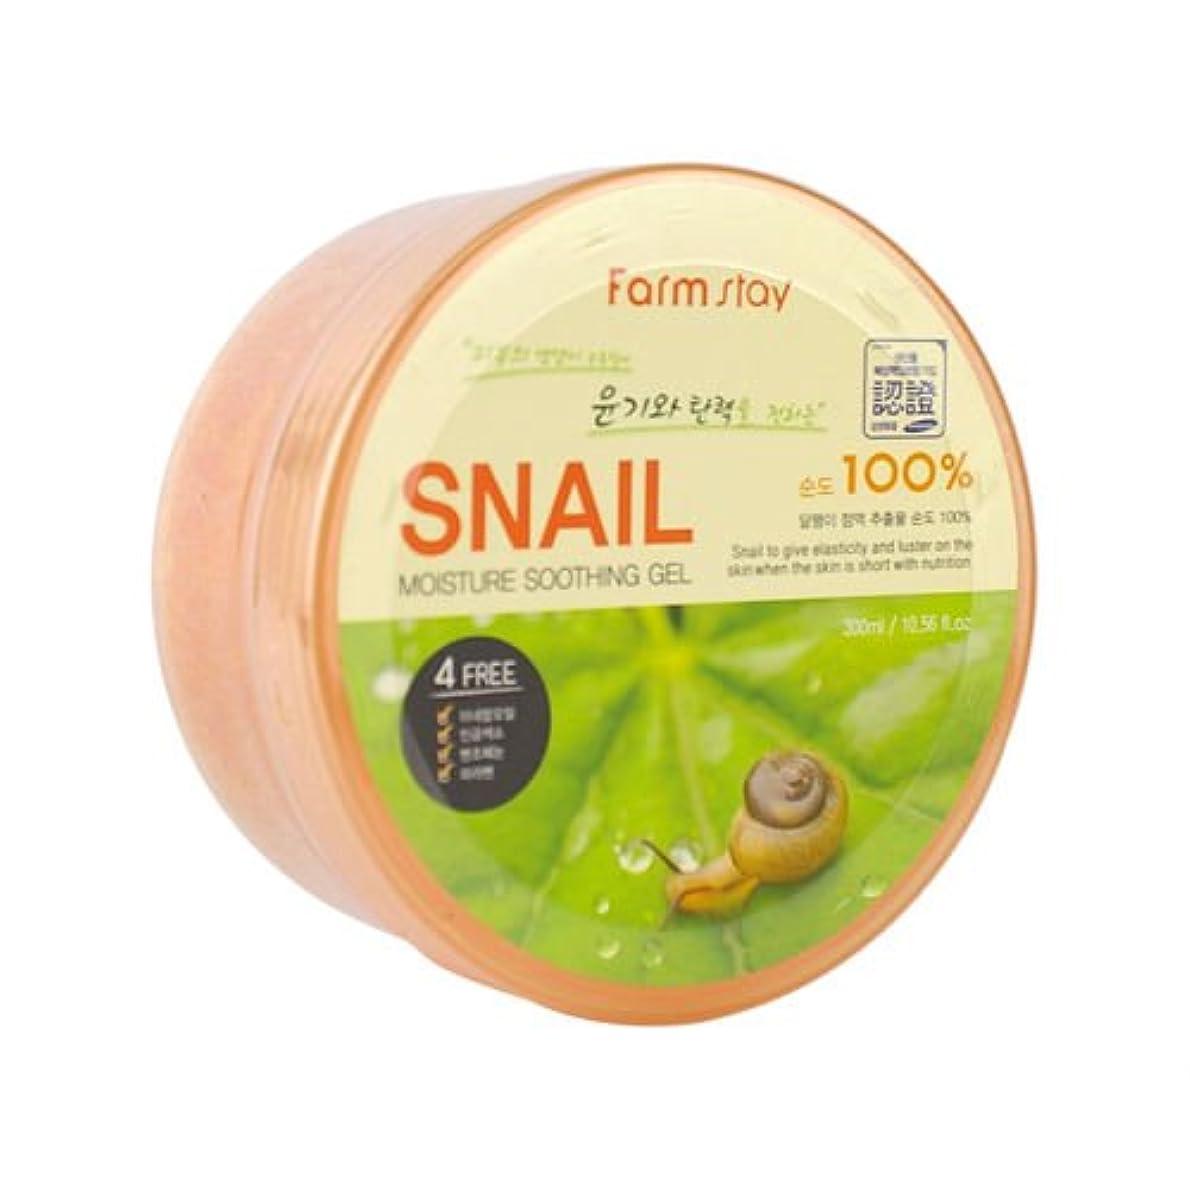 シェフ精緻化旅行代理店Farm Stay Snail Moisture Soothing Gel 300ml /Snail extract 100%/Skin Glowing & Elasticity Up [並行輸入品]